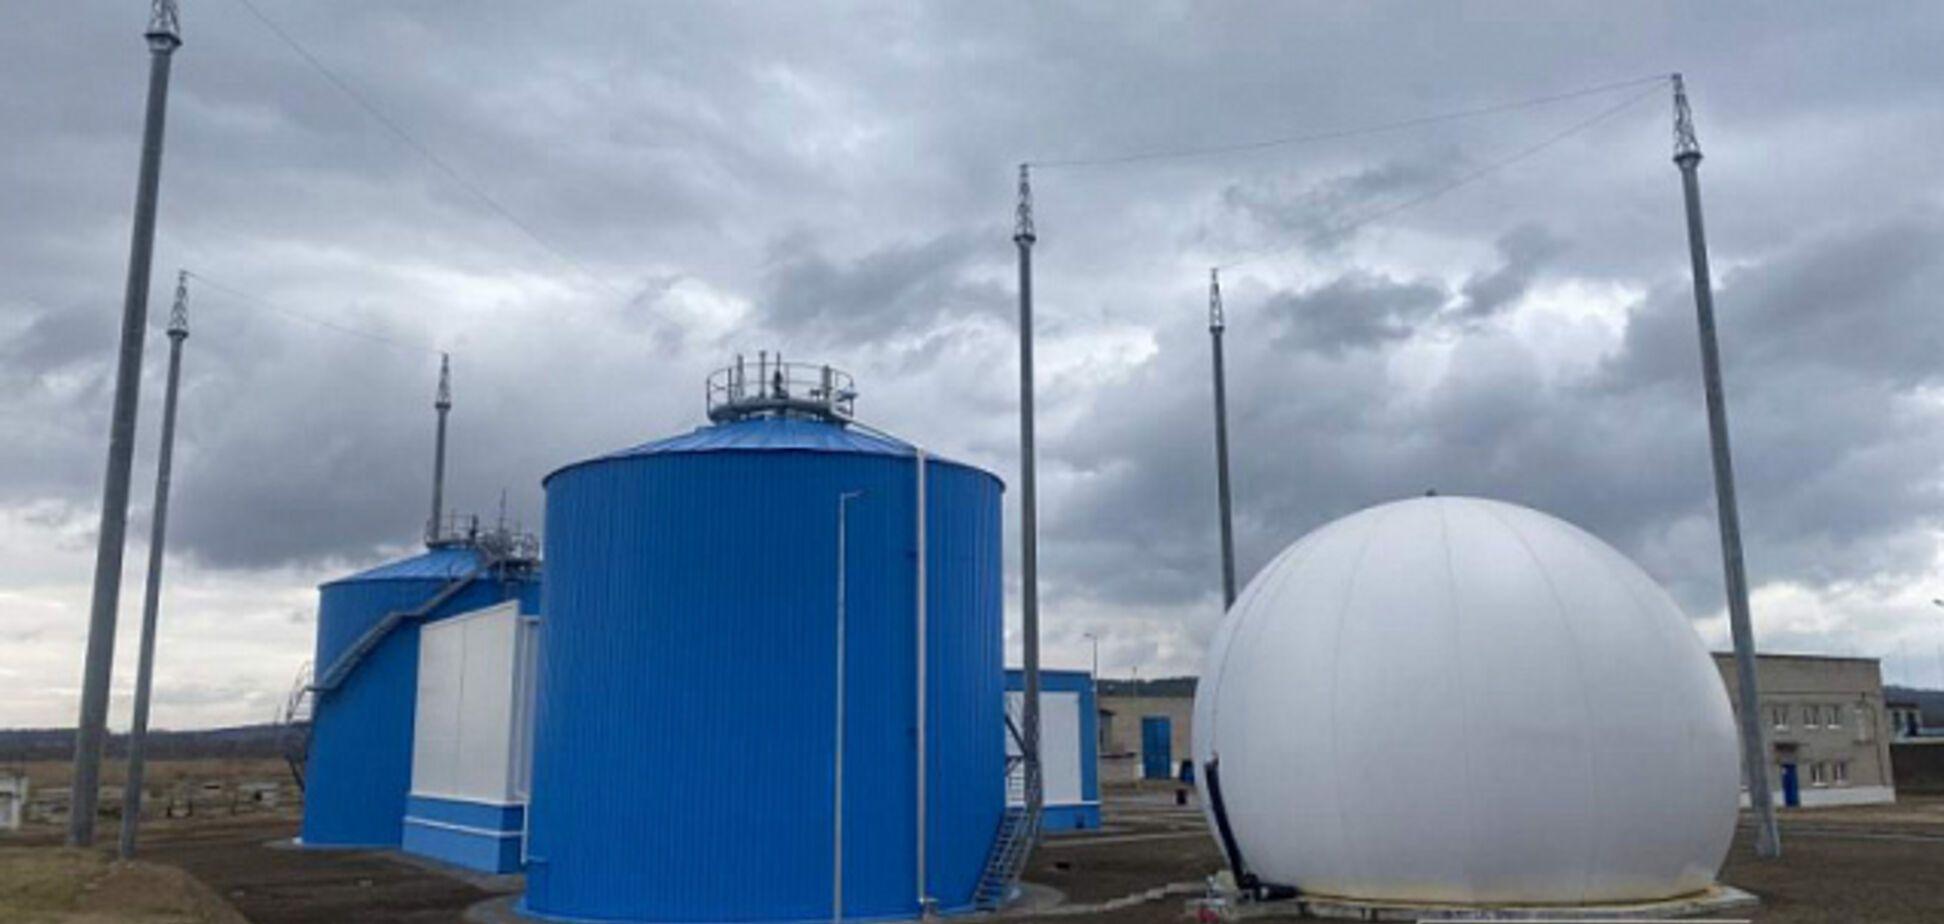 Зі стічних вод: в Білорусі знайшли новий спосіб видобування енергії